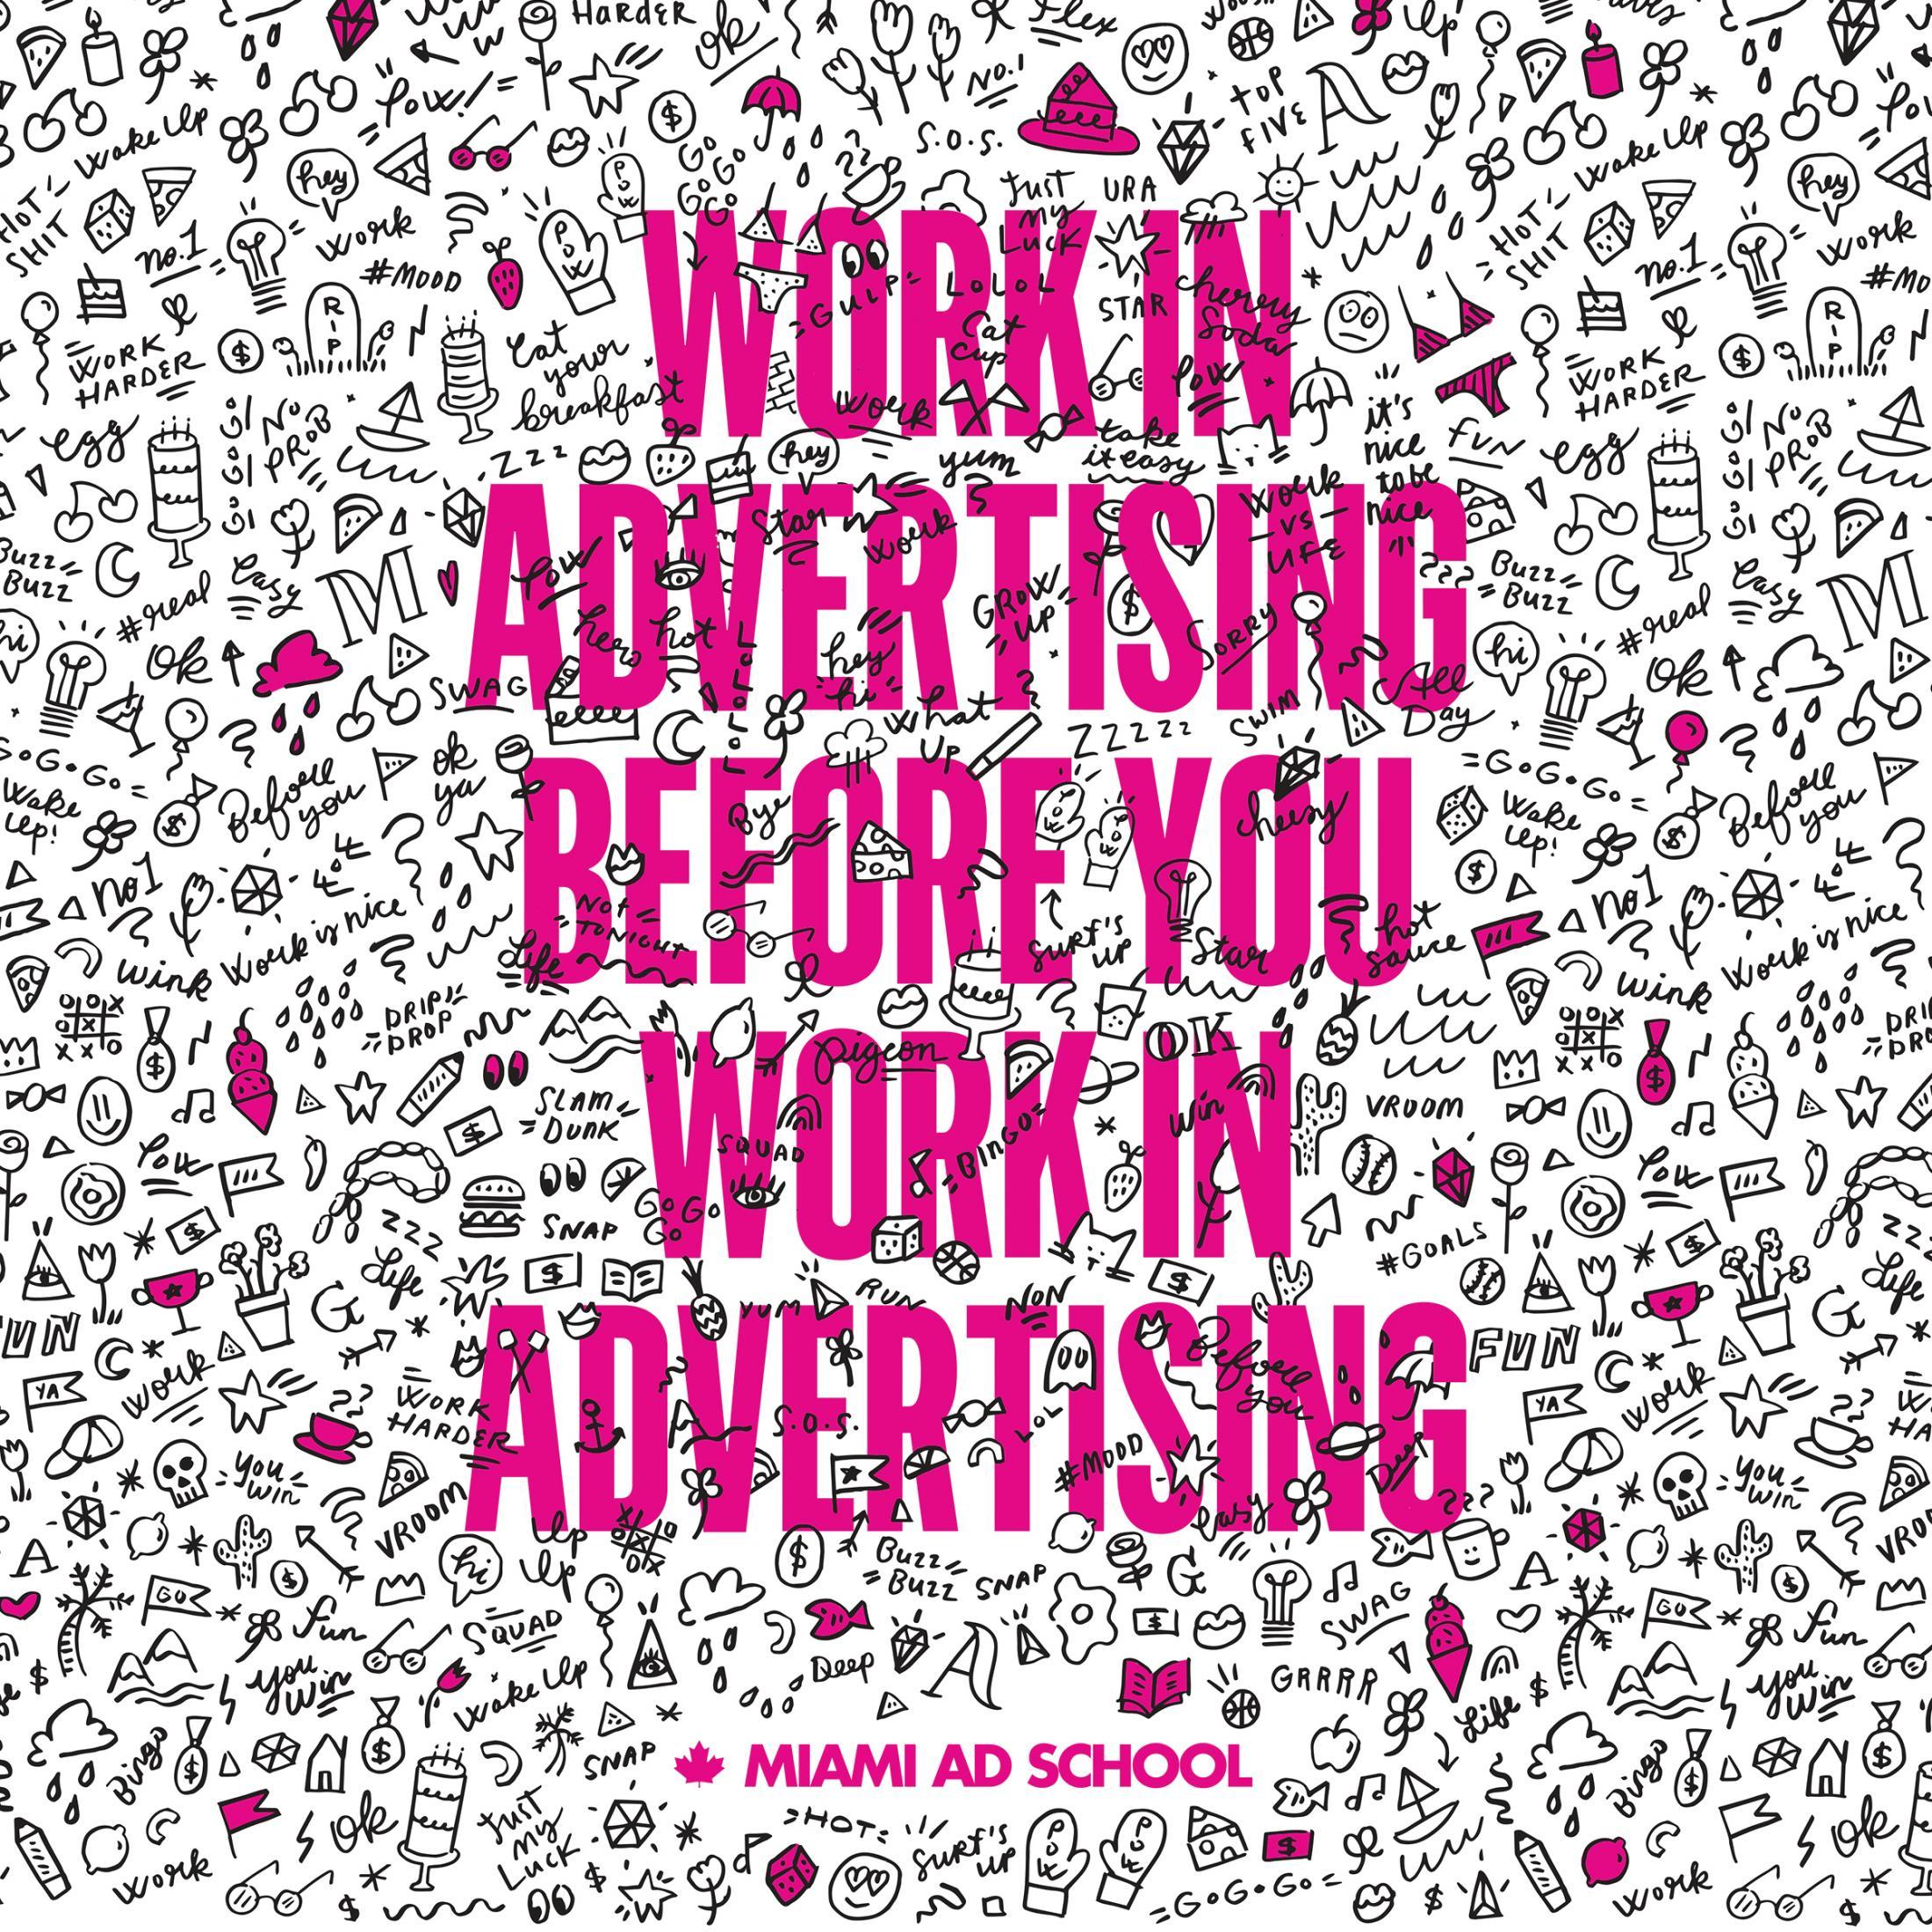 Miami Ad School Print Ad - Work